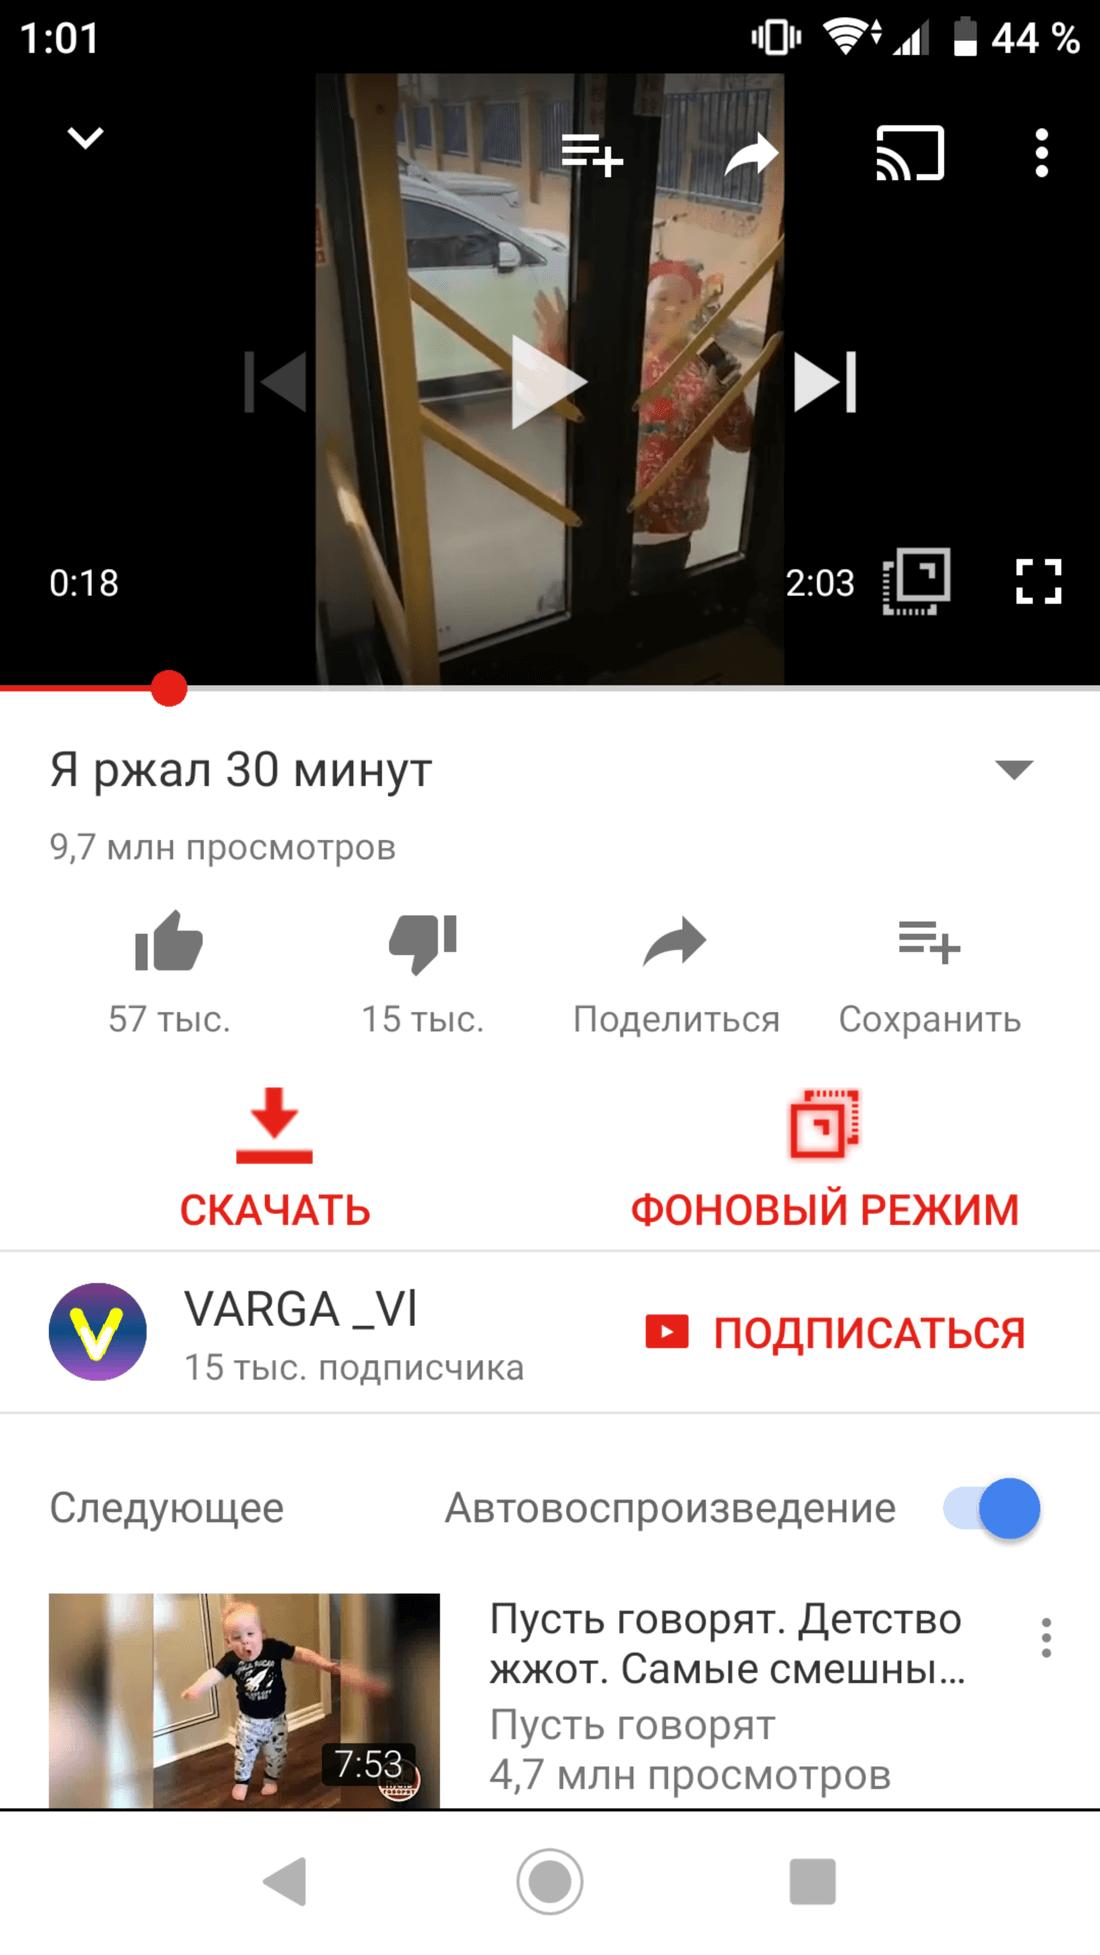 Скриншот #4 из программы OG Youtube